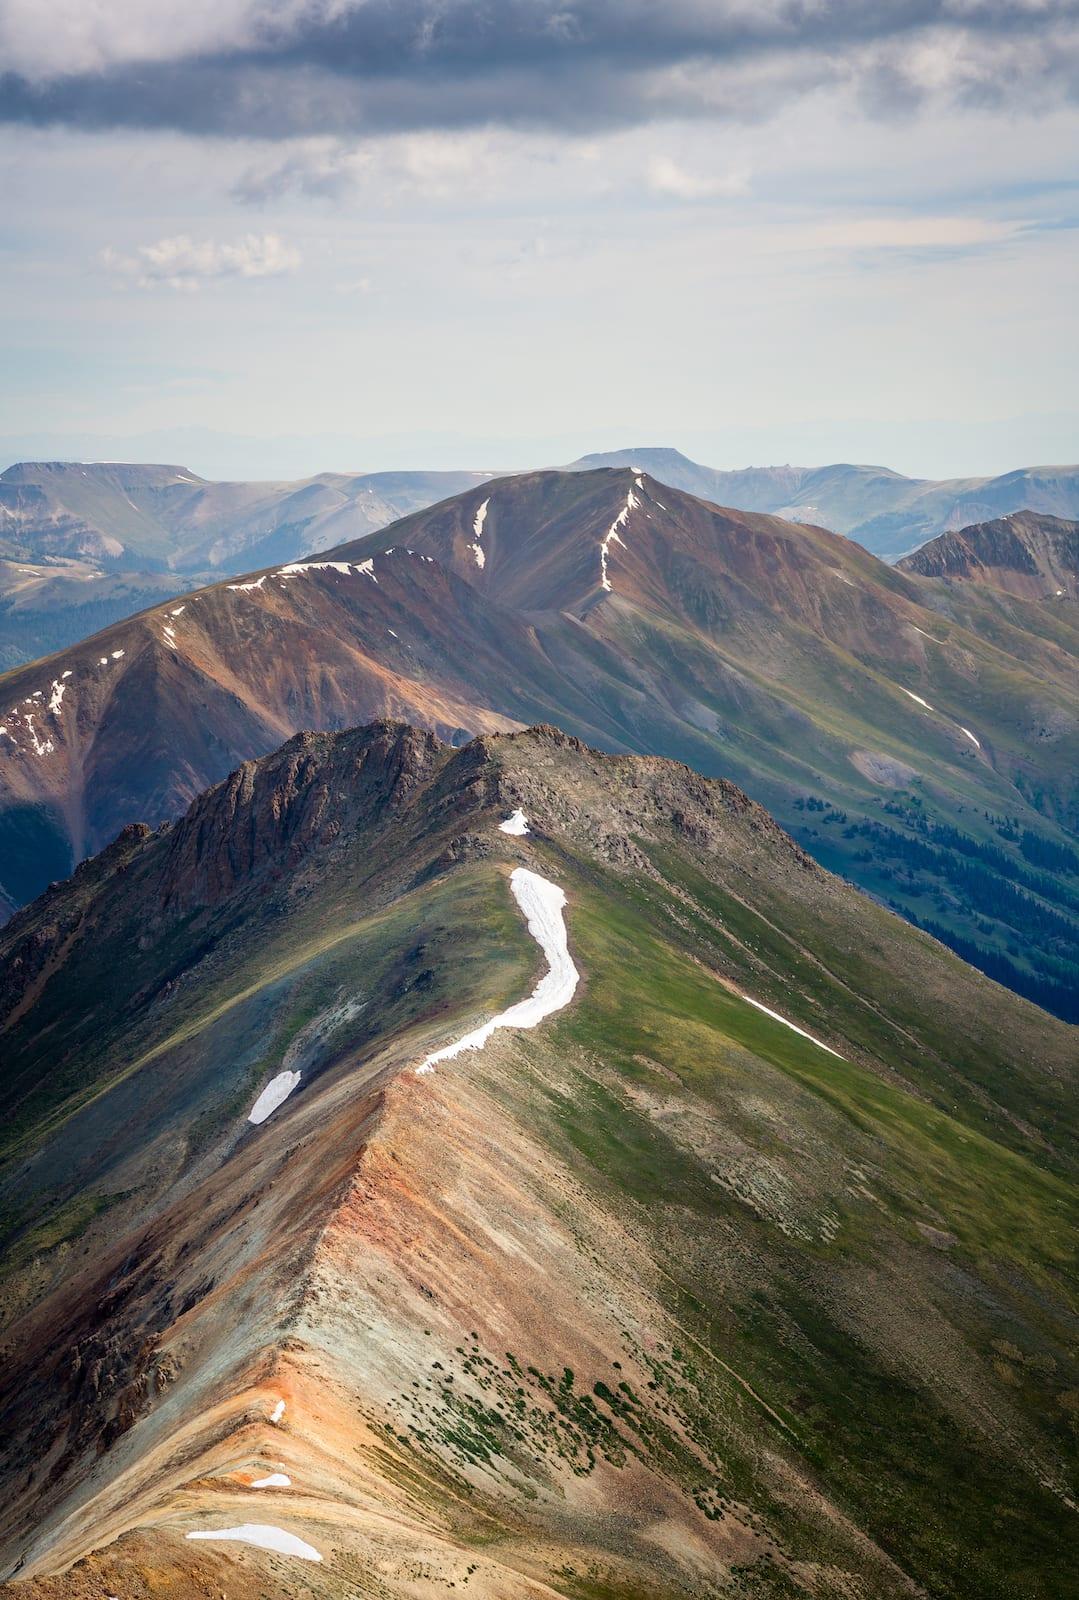 Handies Peak Hiking Summit Colorado